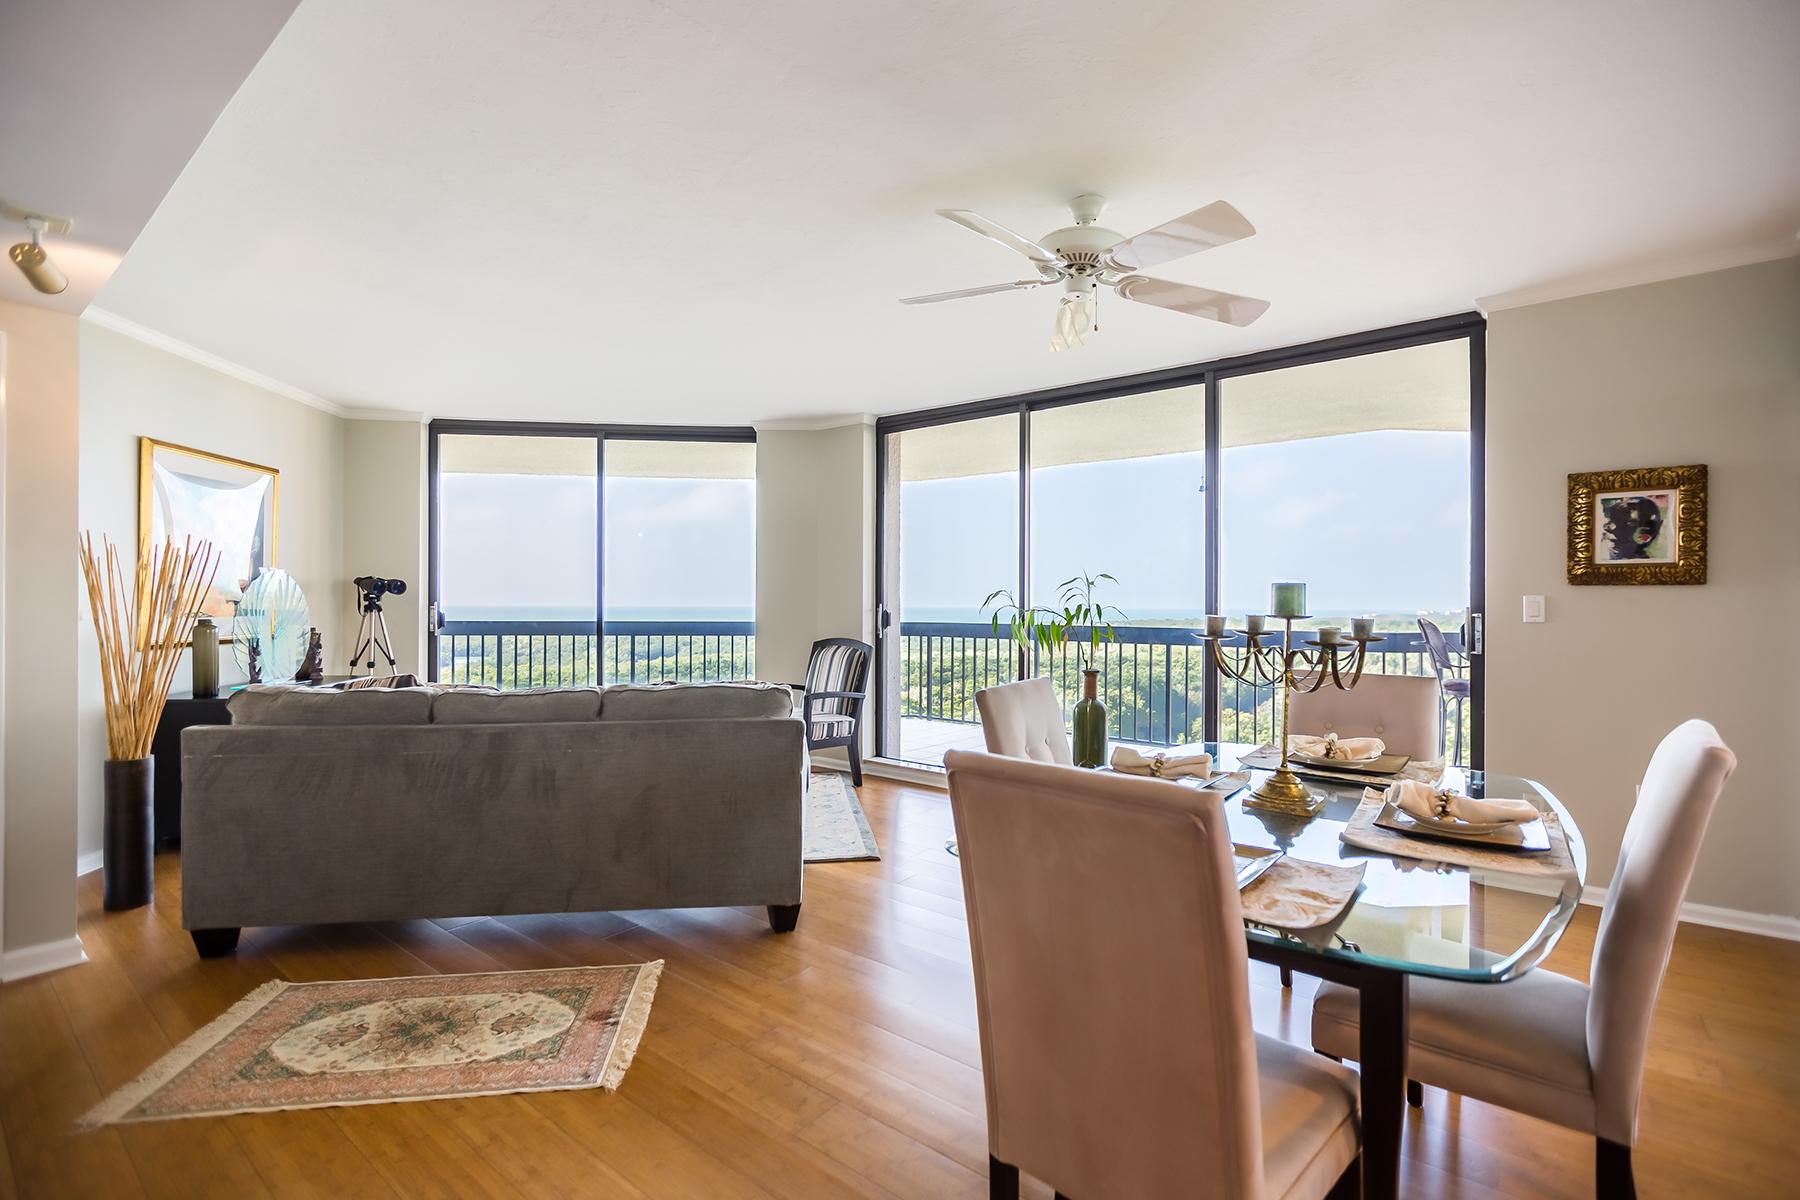 Nhà chung cư vì Bán tại PELICAN BAY - GROSVENOR 6001 Pelican Bay Blvd 804 Naples, Florida, 34108 Hoa Kỳ